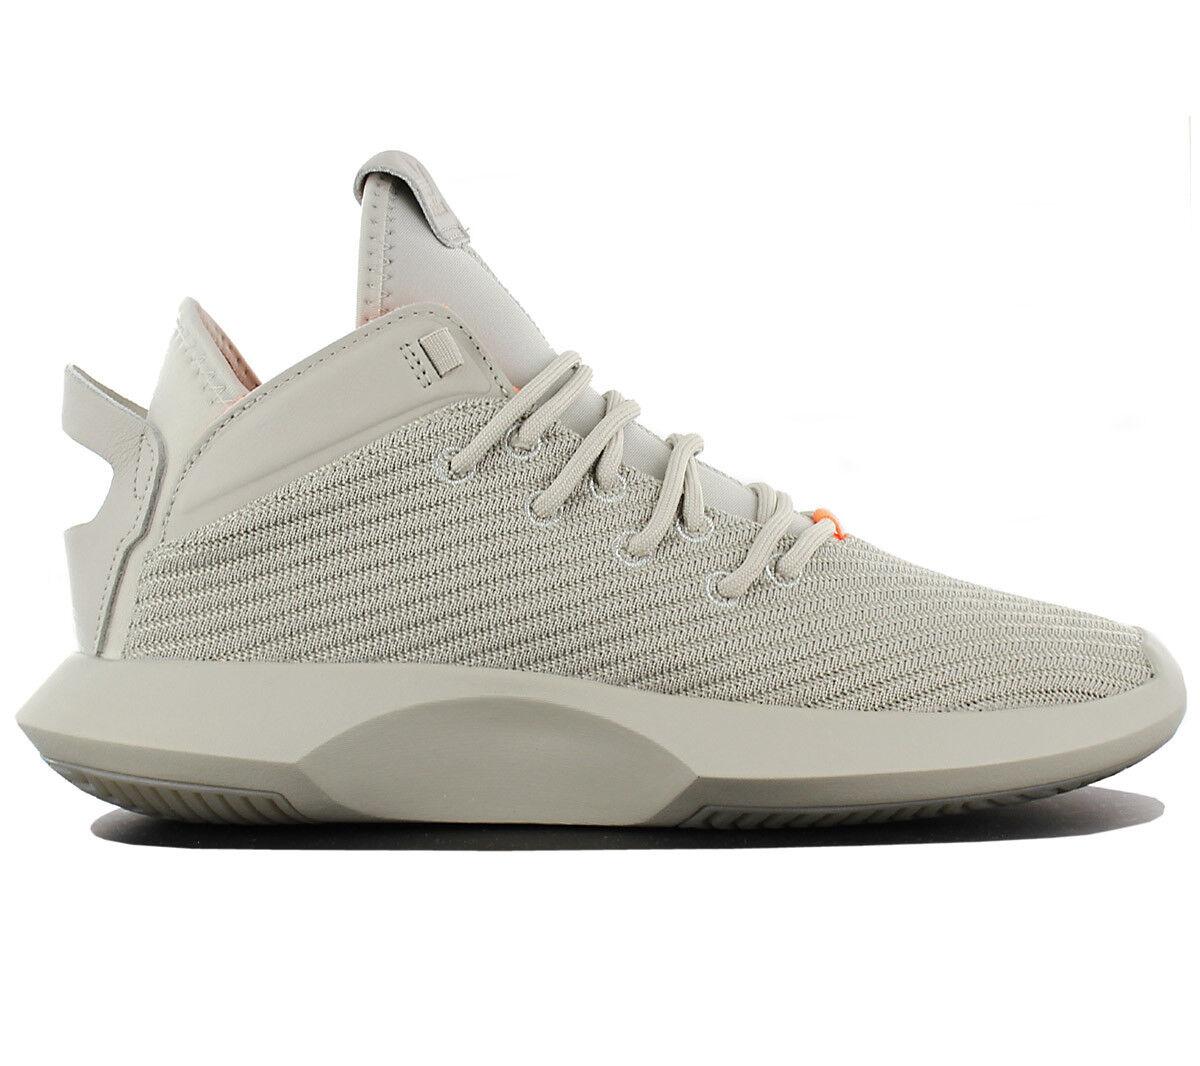 Adidas Crazy 1 Adv Ck Hommes Baskets Baskets Baskets CQ0981 Nouveau